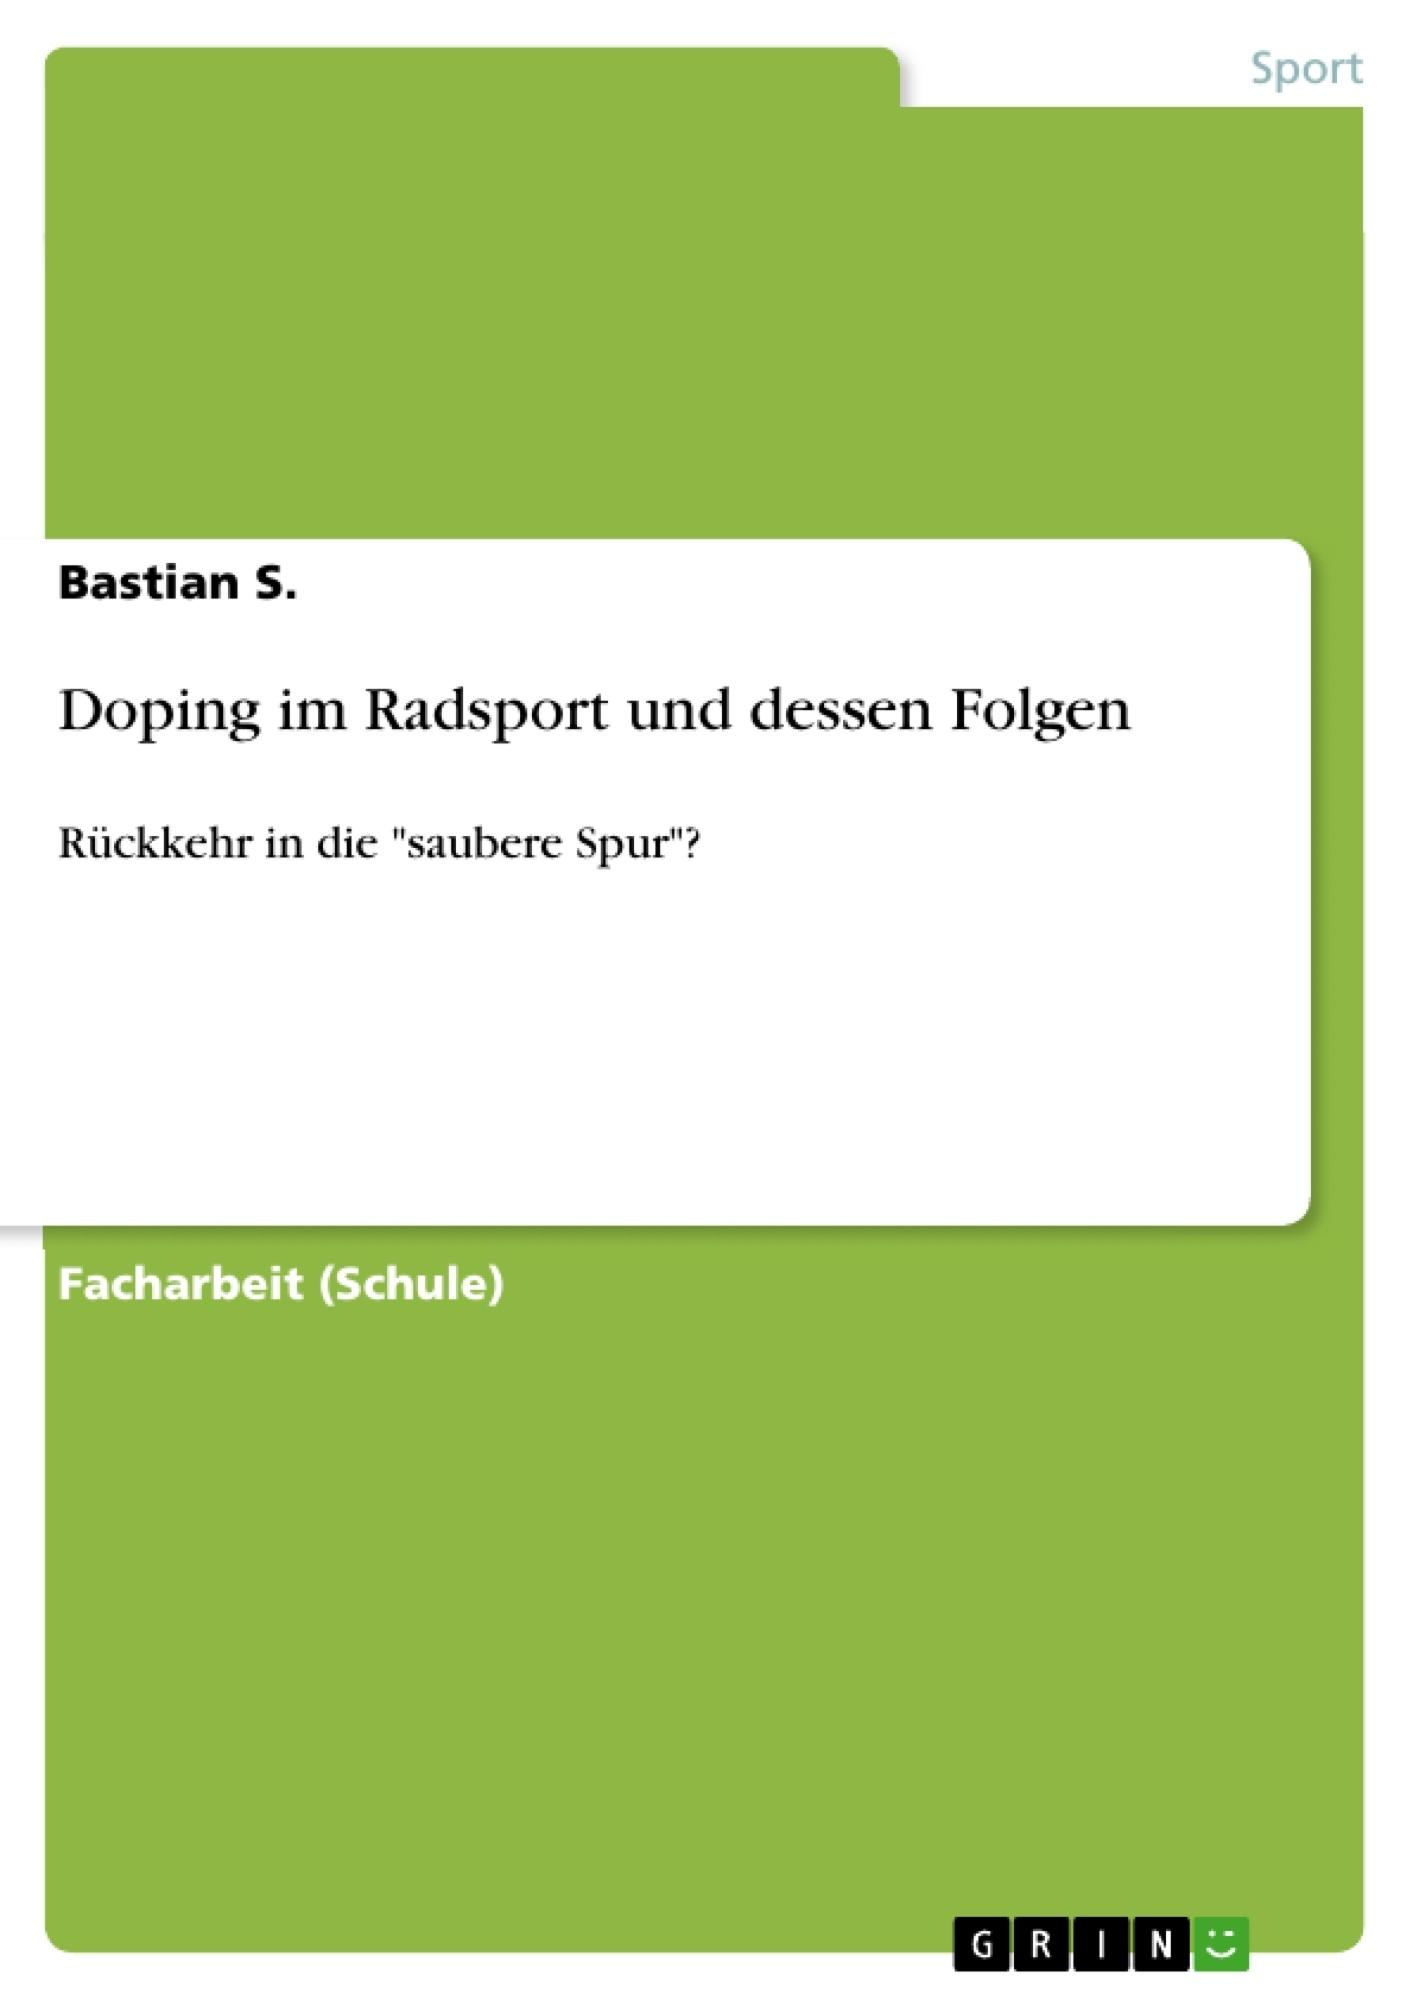 Titel: Doping im Radsport und dessen Folgen